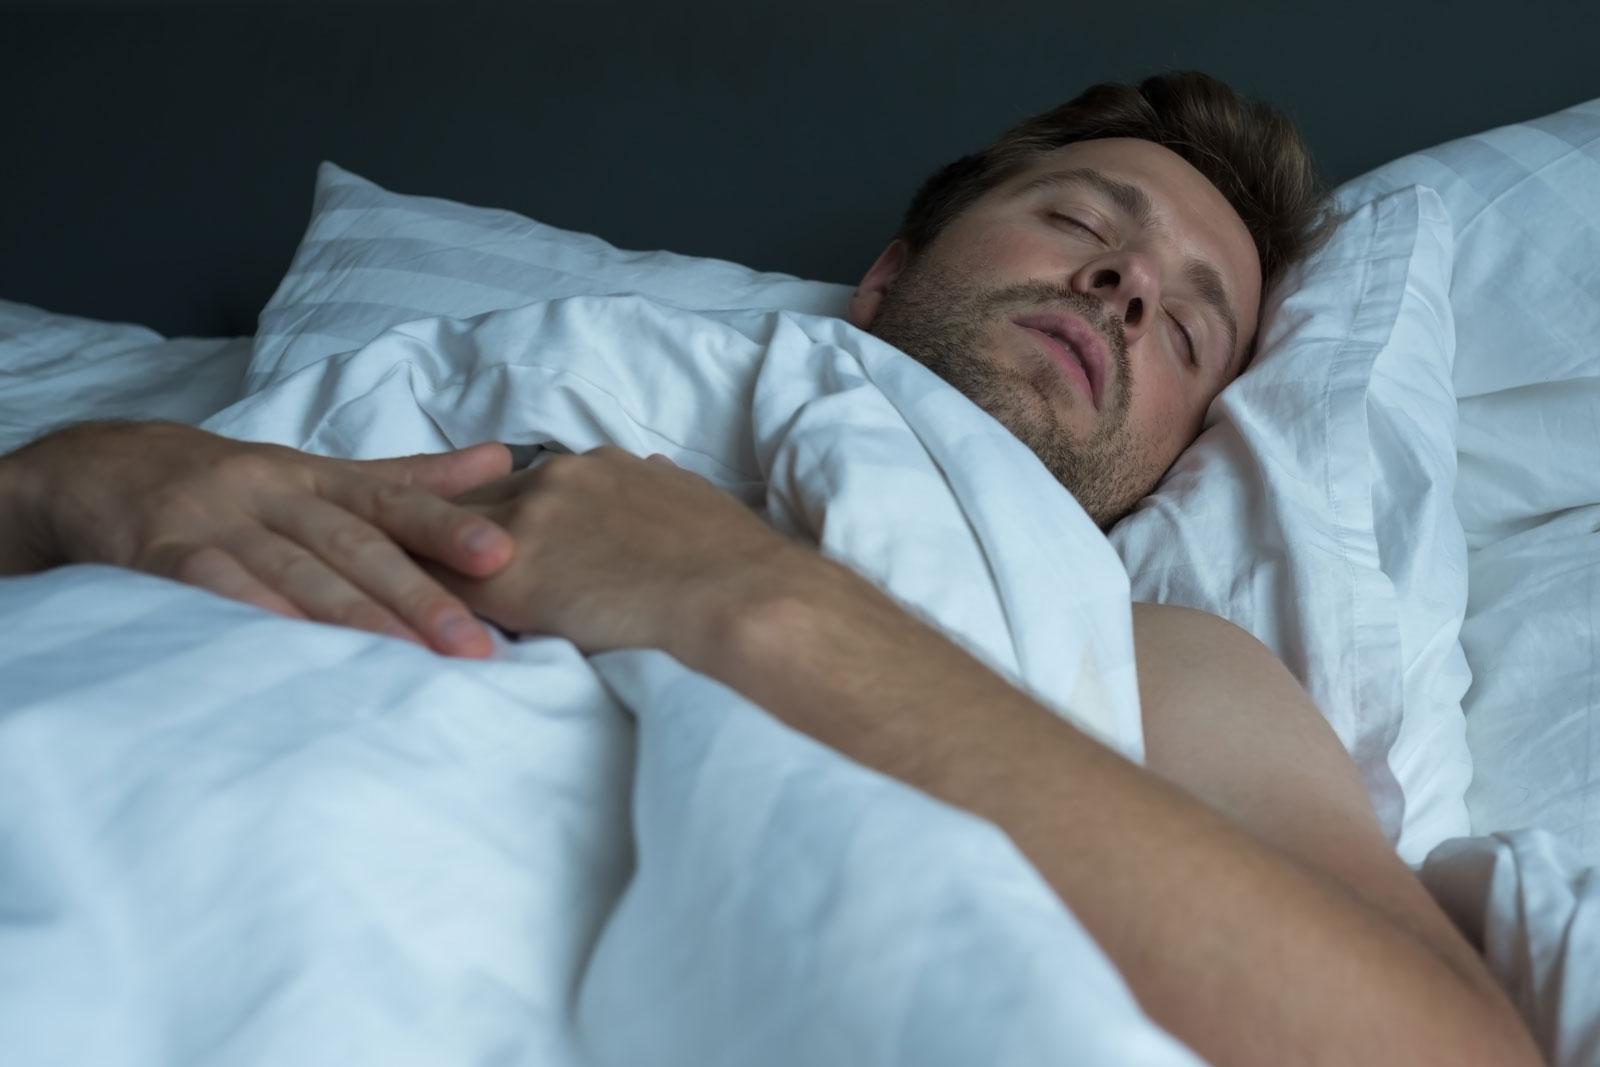 Erholungsphase: Wir brauchen guten Schlaf, um Kraft für den nächsten Tag zu tanken. Doch das gelingt uns immer seltener: Rund die Hälfte der Österreicher hat Probleme durchzuschlafen.